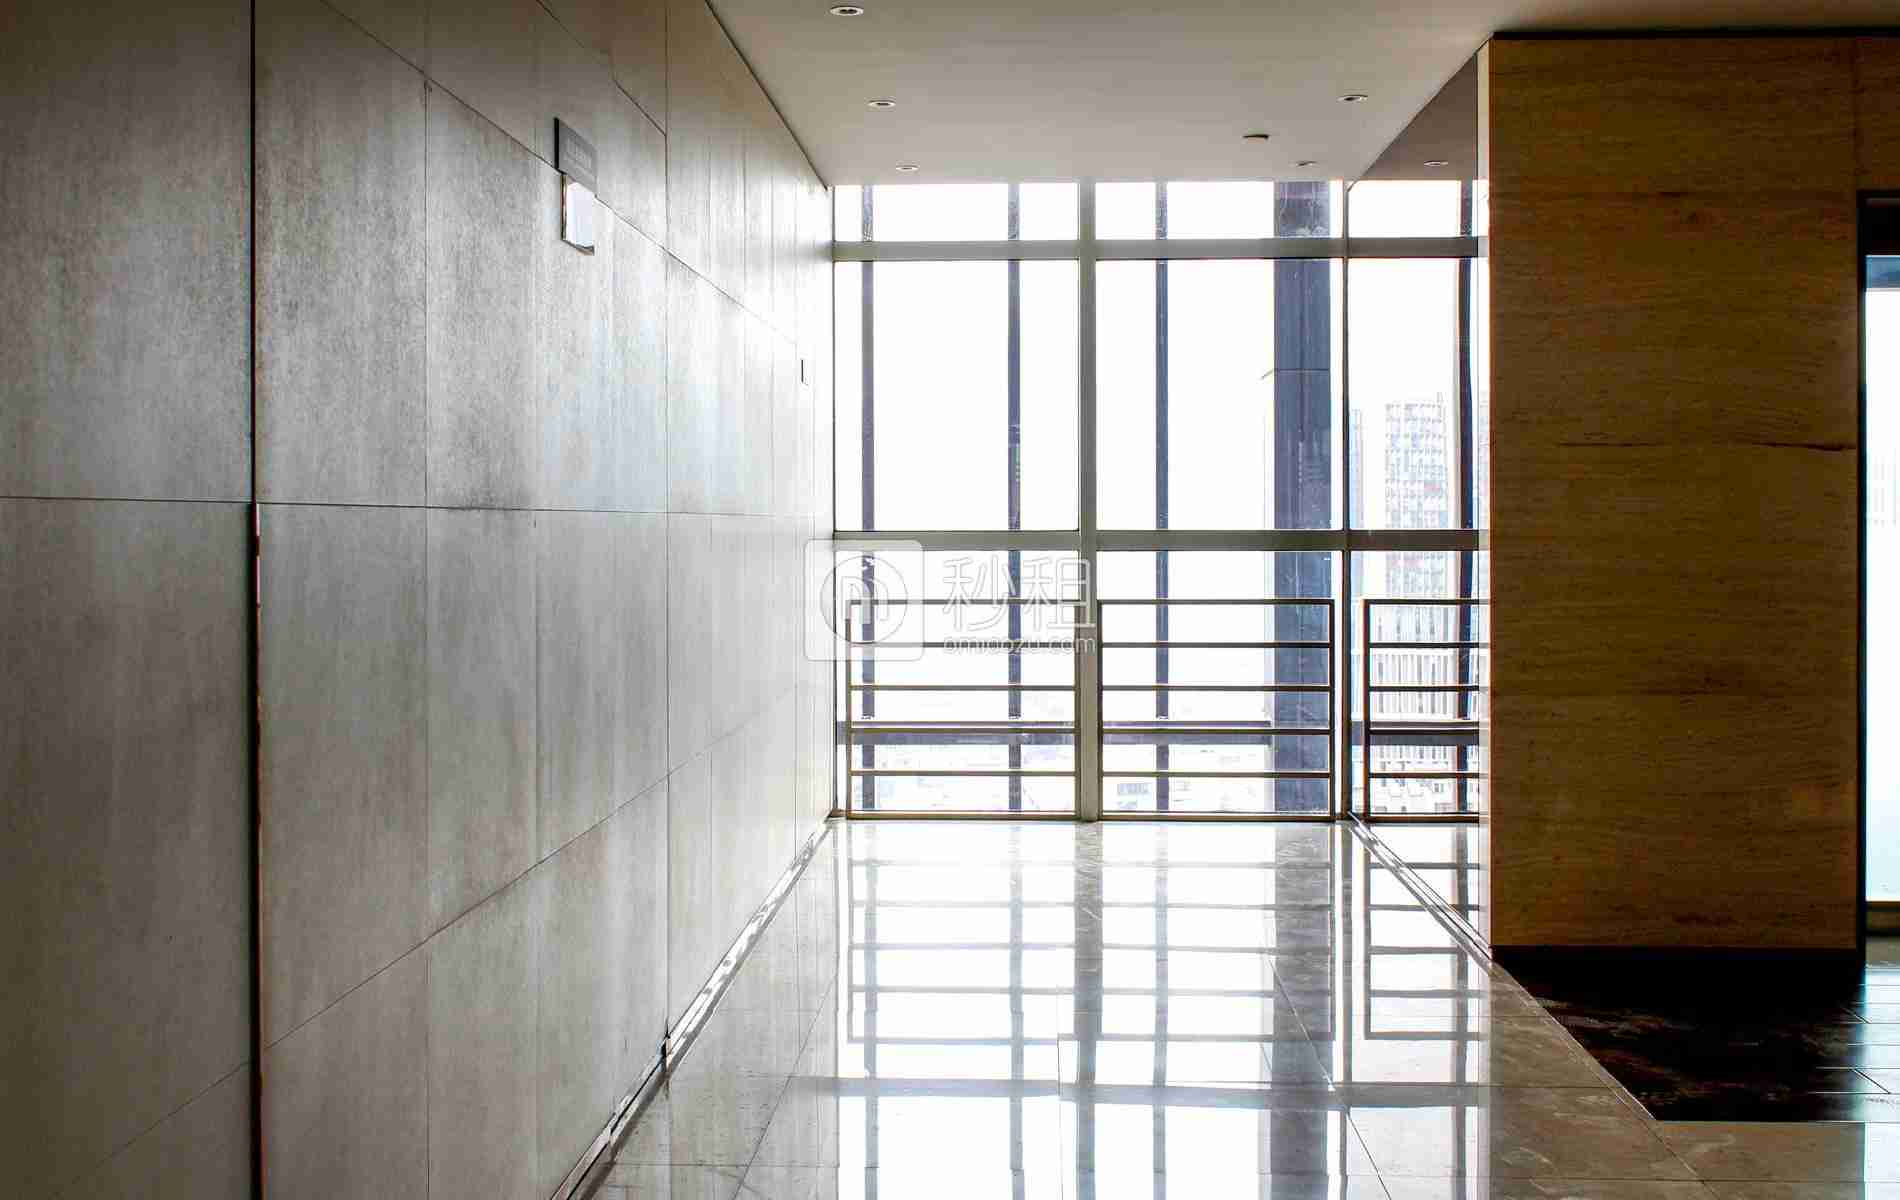 漢京國際大廈寫字樓出租/招租/租賃,漢京國際大廈辦公室出租/招租/租賃